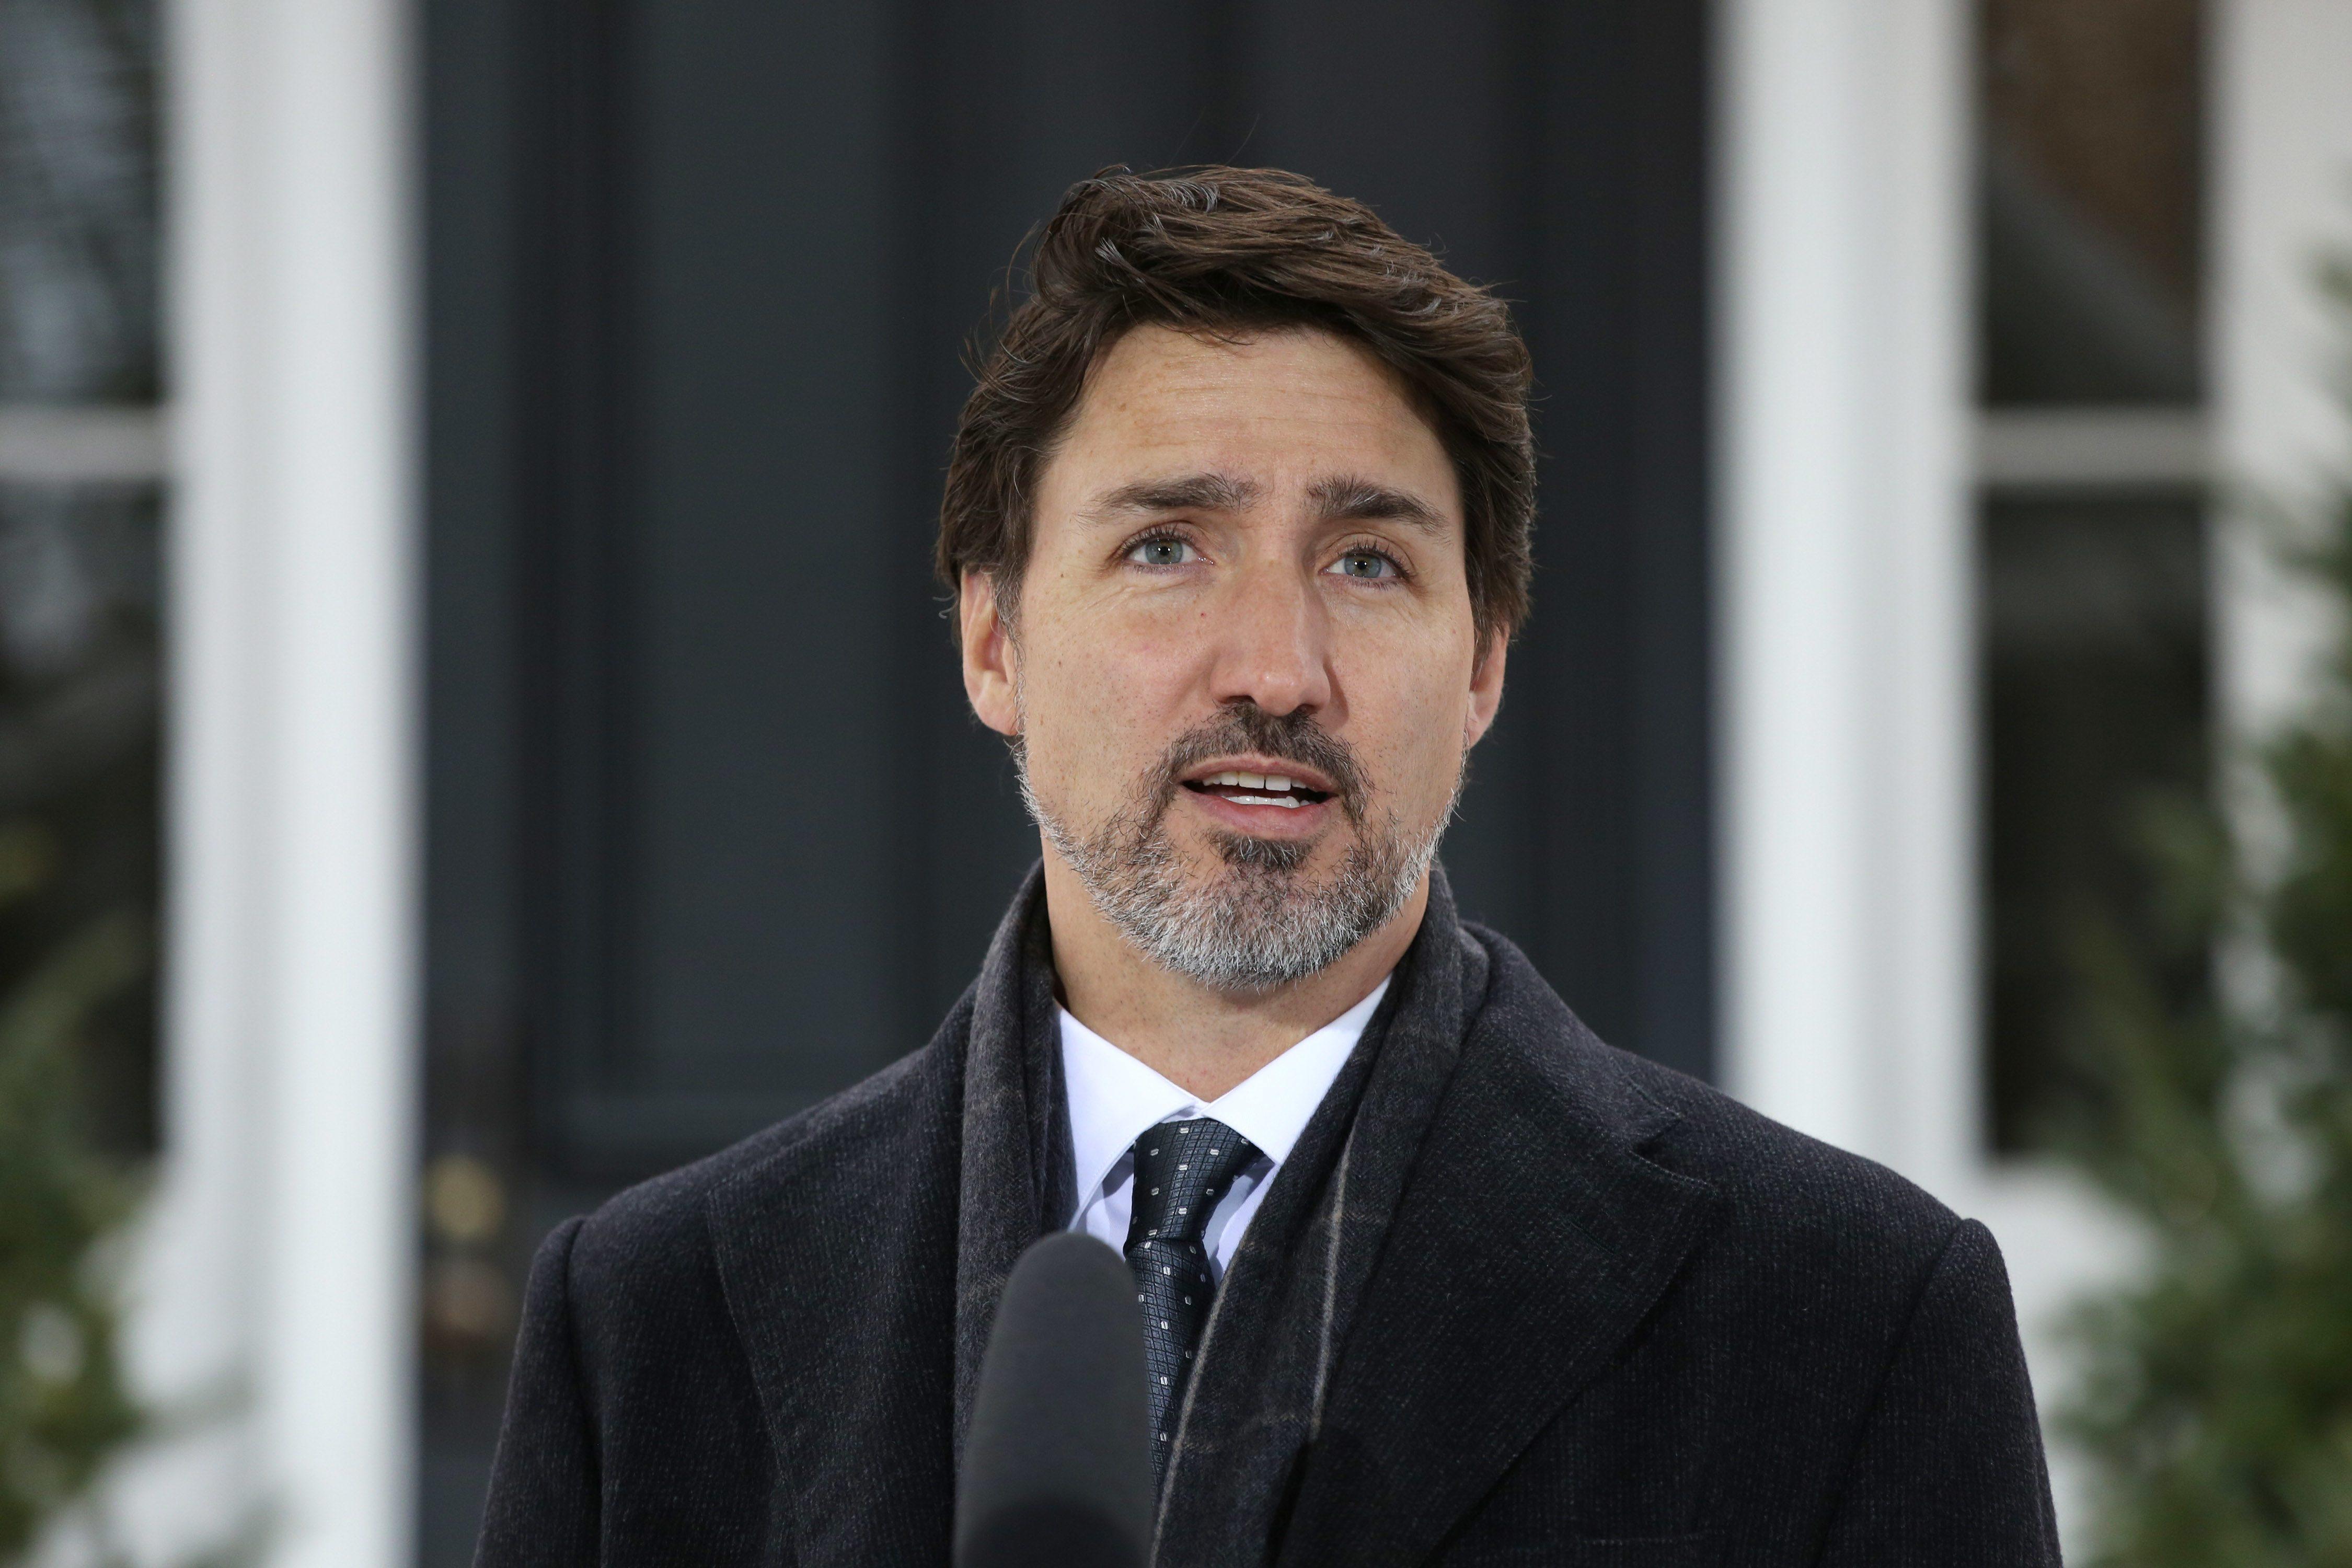 'ทรูโด' เผย จีนห้ามเข้าพบ 2 แคนาดา อ้างเหตุปิดคุกเพราะโควิด-19